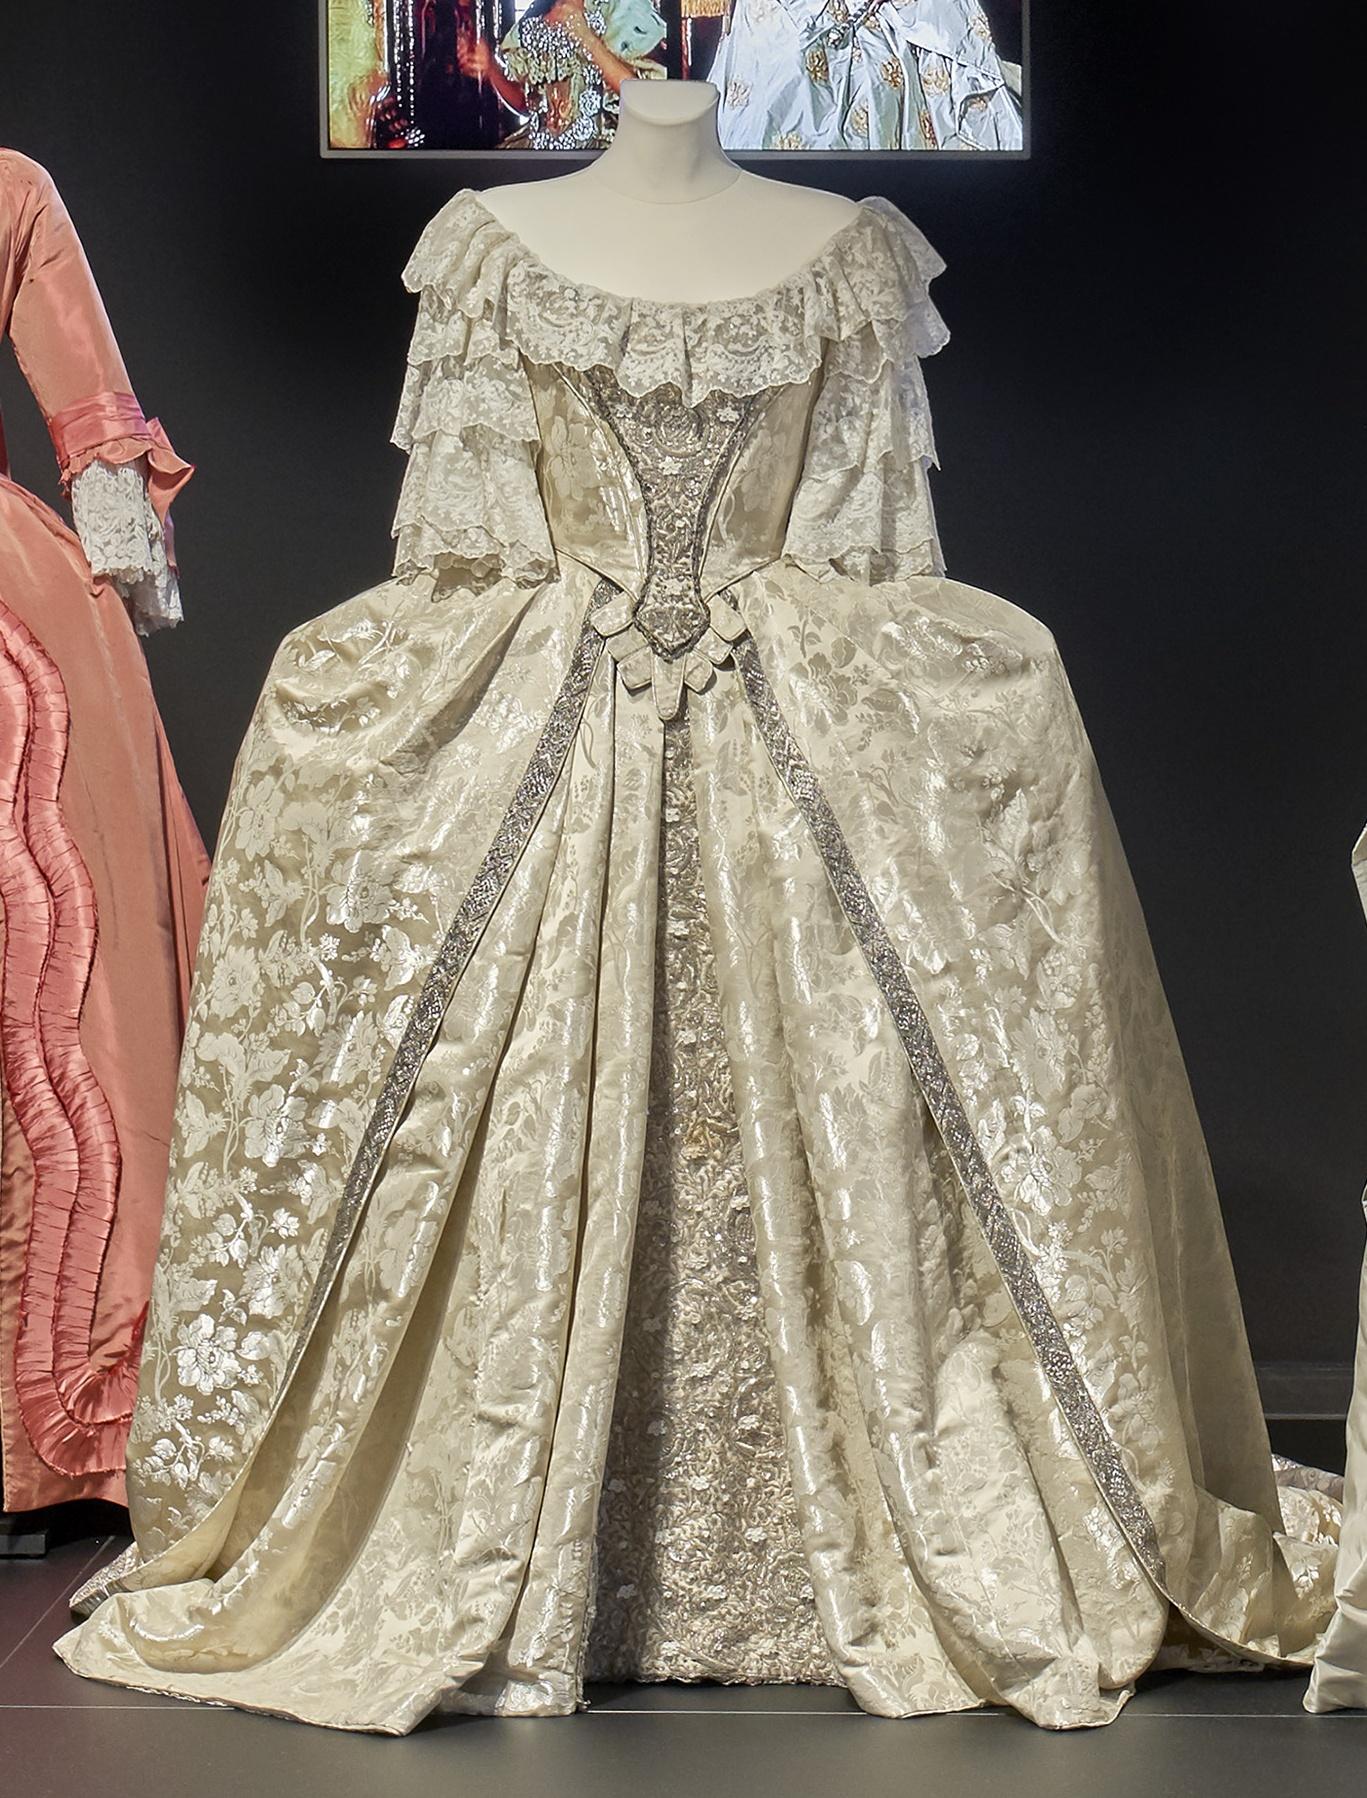 Katharina die Große: Weißes, silberdurchwirktes Brautkleid mit bodenlangem Rock